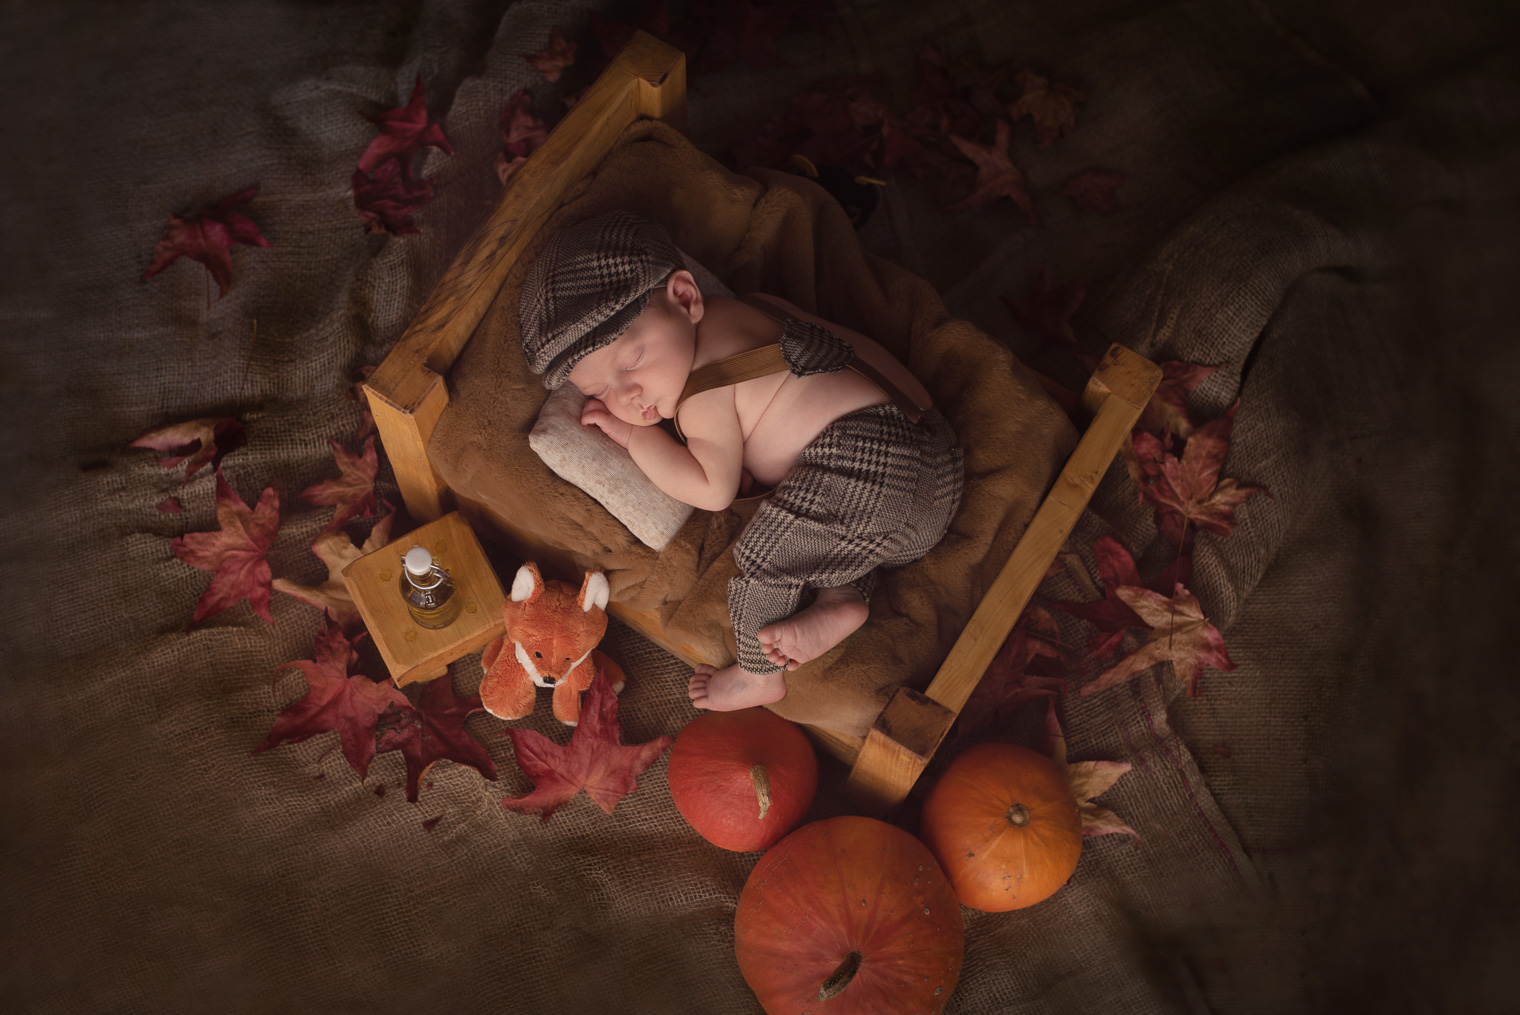 belinda lopez photo nouveau-ne photographie famille grossesse bebe enfant maternite photographe bourg-saint-maurice savoie belindalopez.fr-37